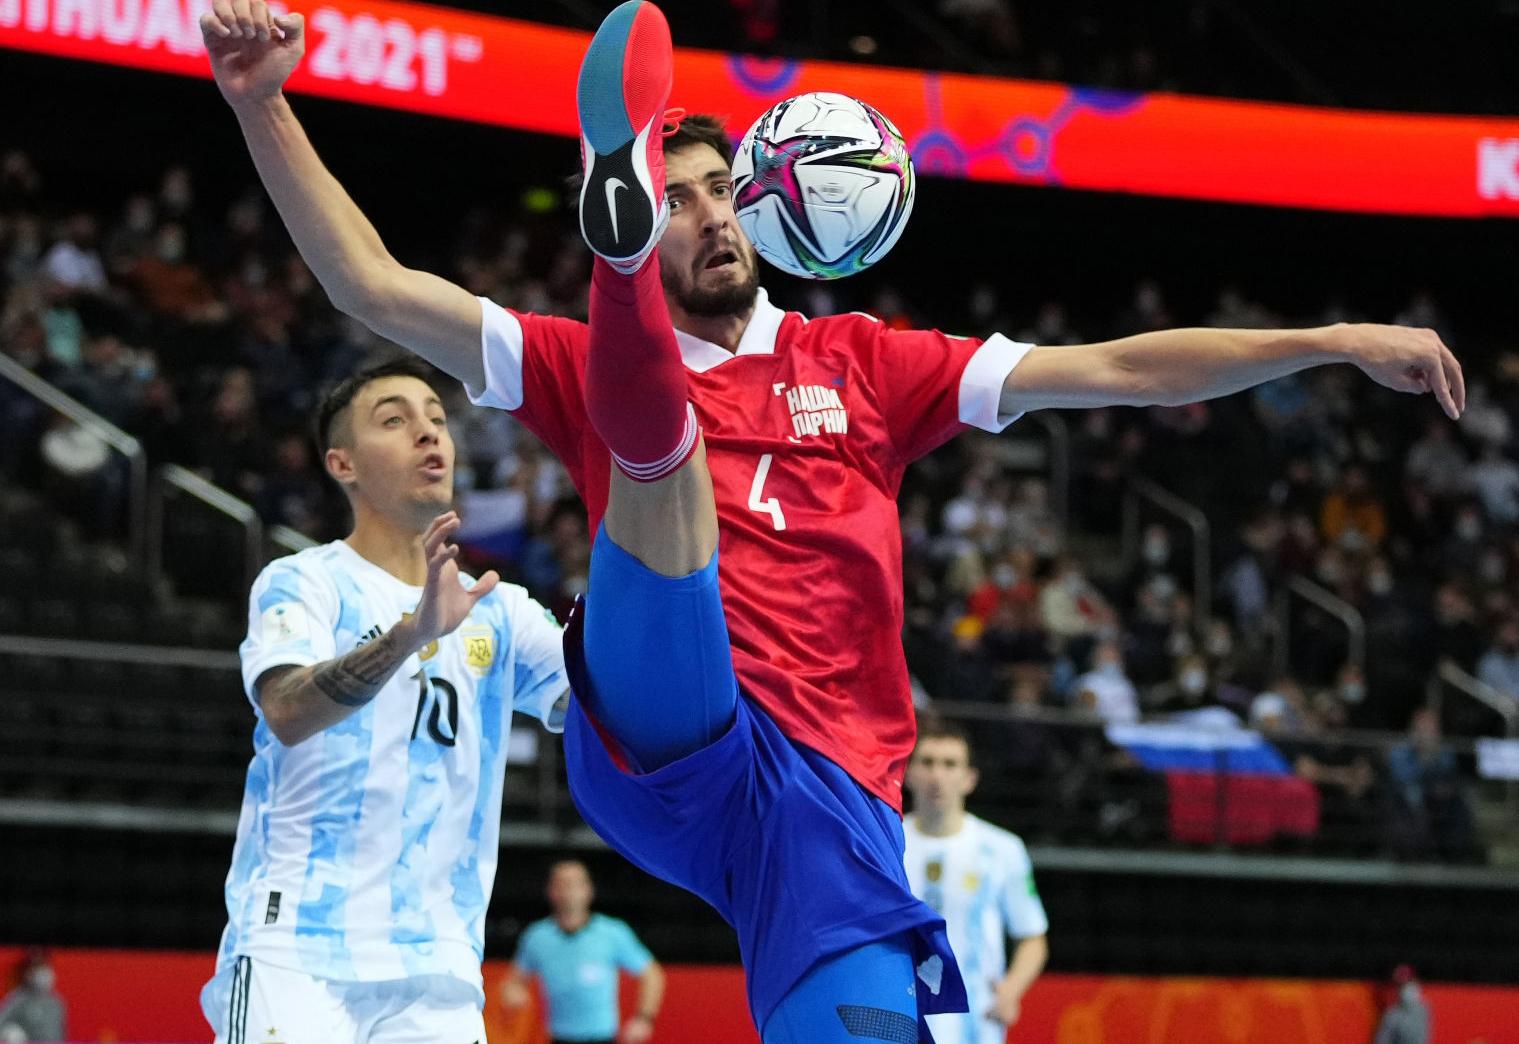 Tuyển Nga (áo đỏ) và Argentina thi đấu thận trọng, không tạo được thế trận rực lửa như chung kết năm năm trước. Ảnh: FIFA